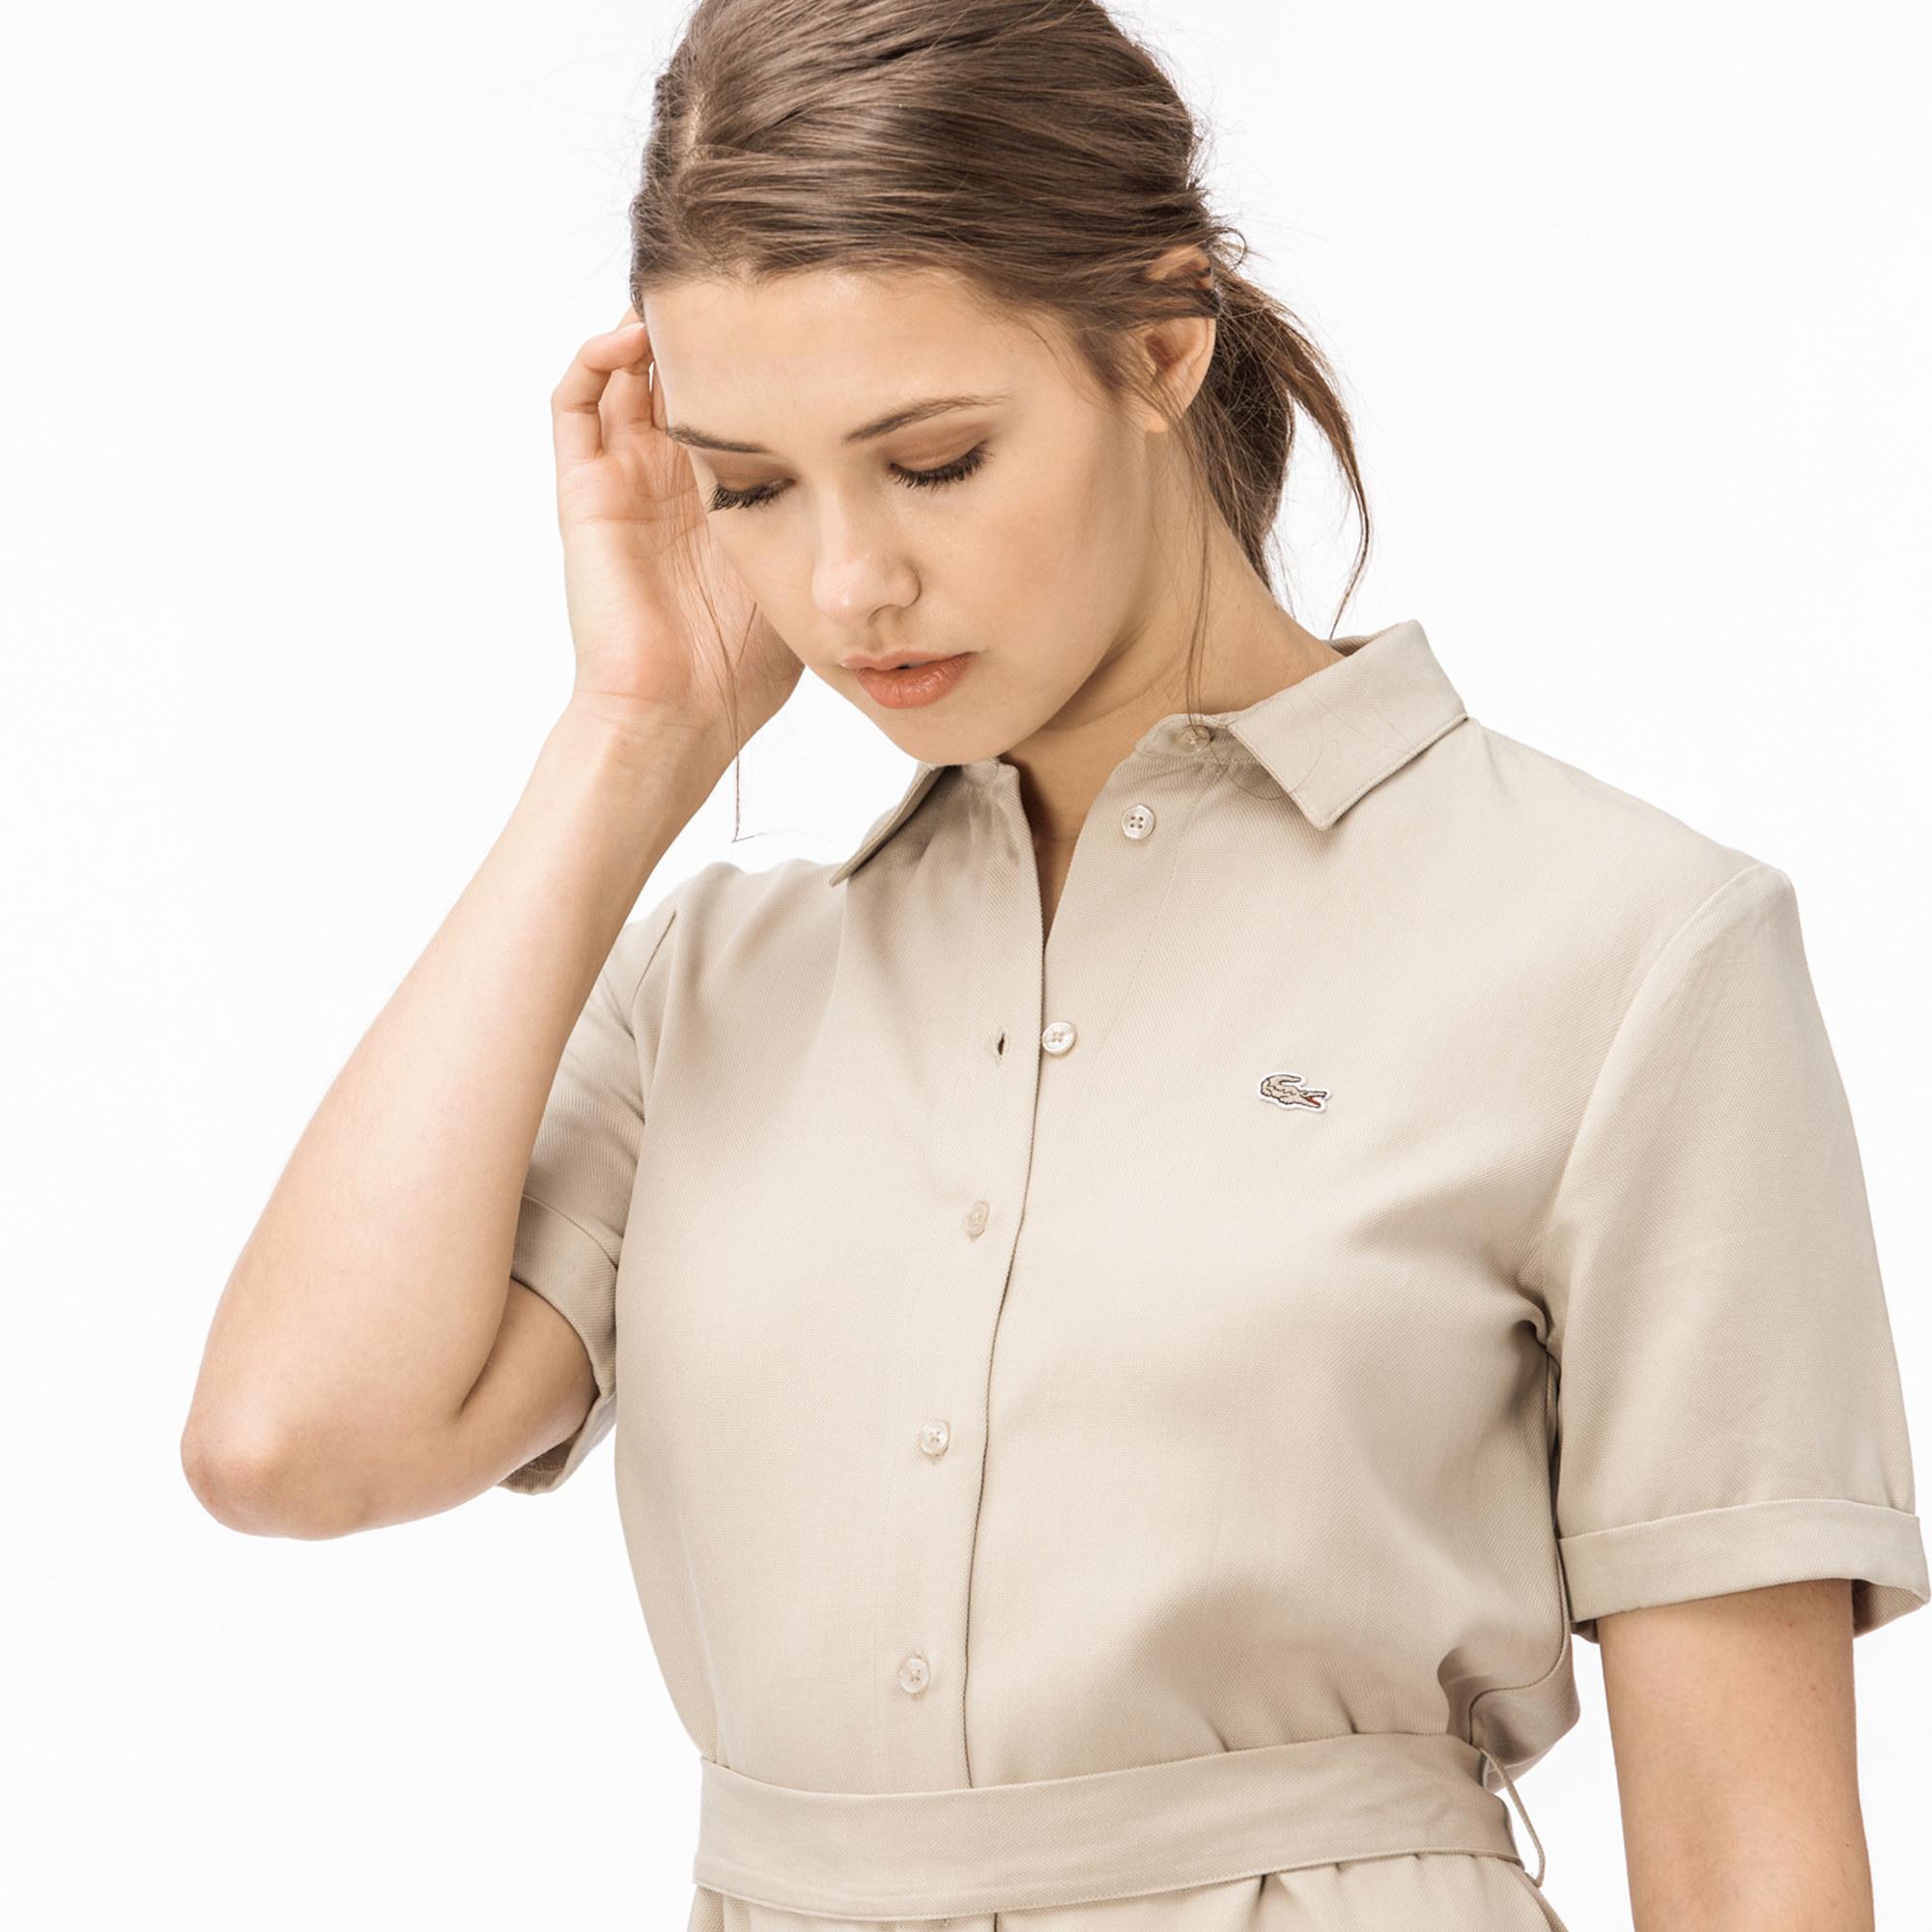 Lacoste Kadın Bej Gömlek Elbise